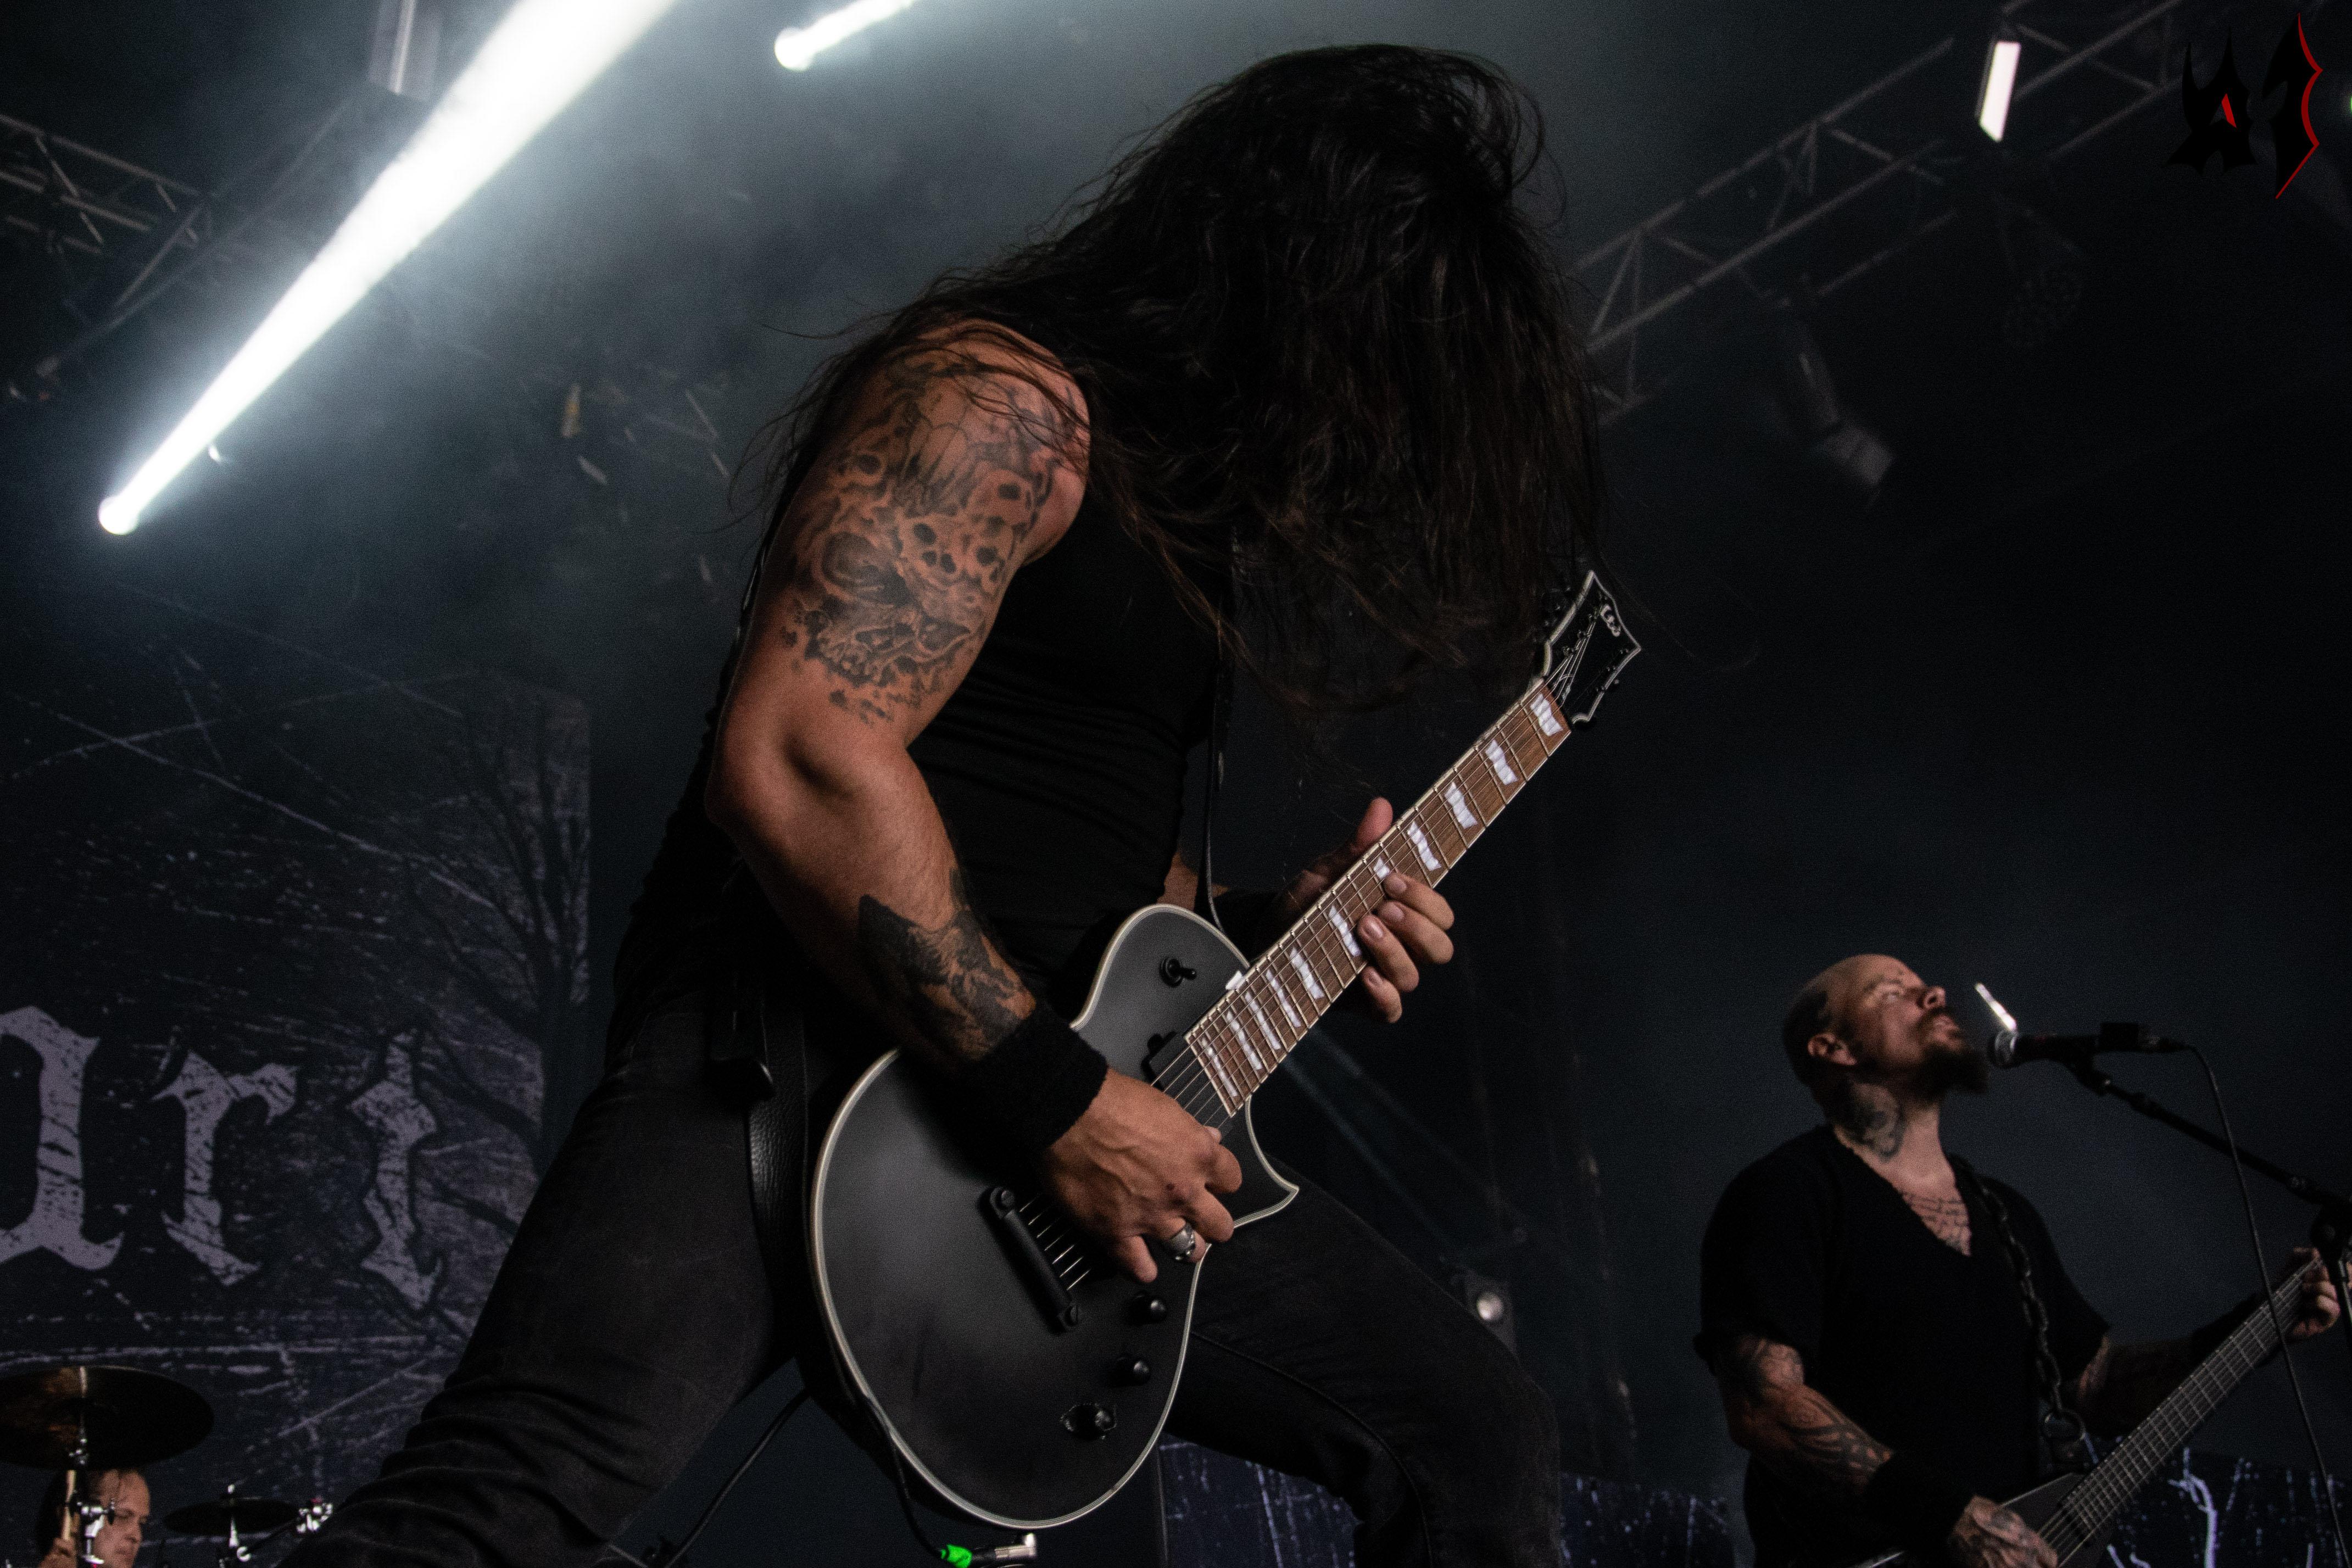 Hellfest - Wolfheart - 8